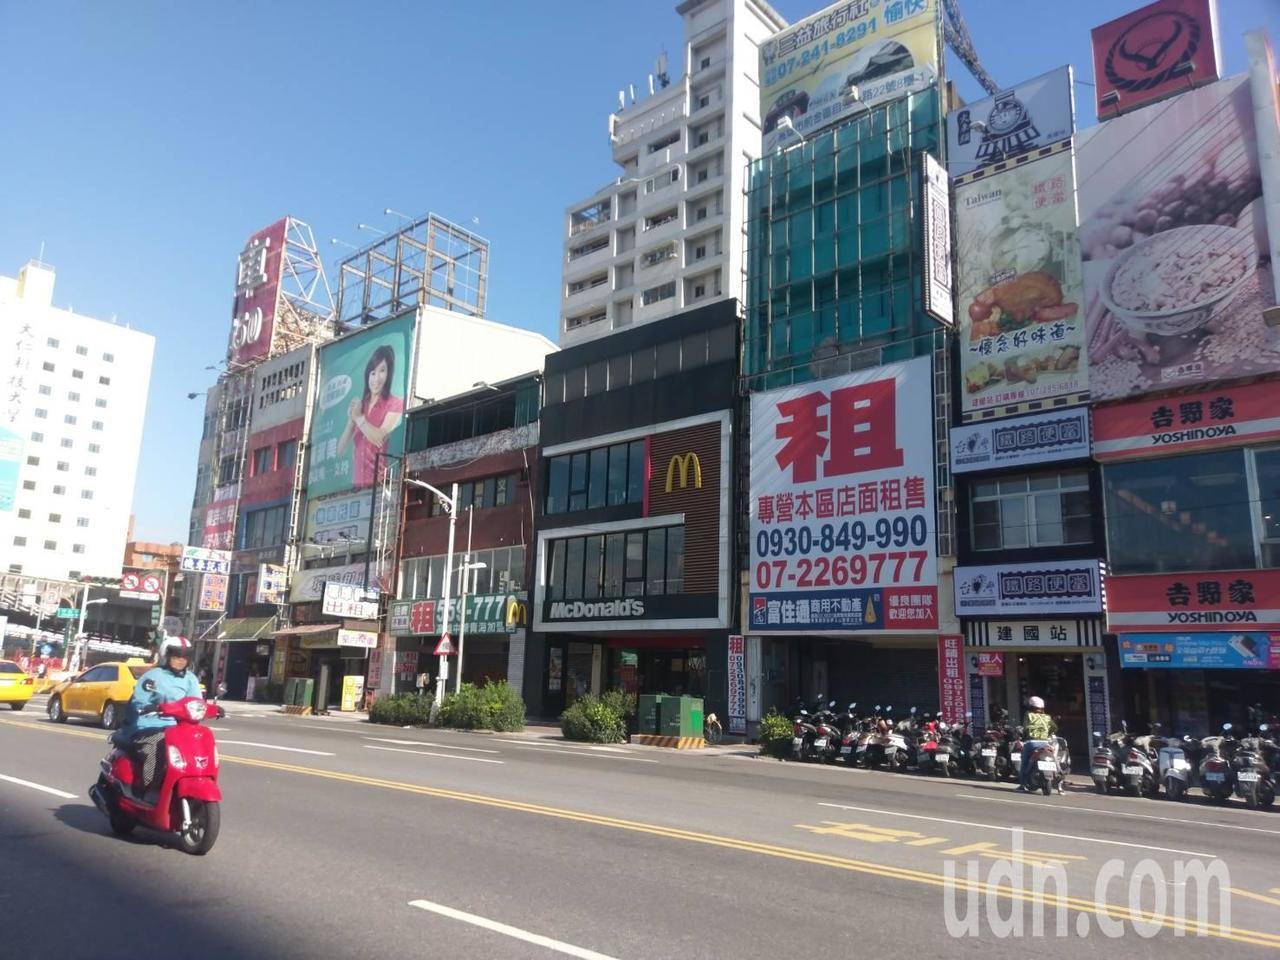 高雄火車站附近待租、待售的店面越來越多。記者謝梅芬/攝影